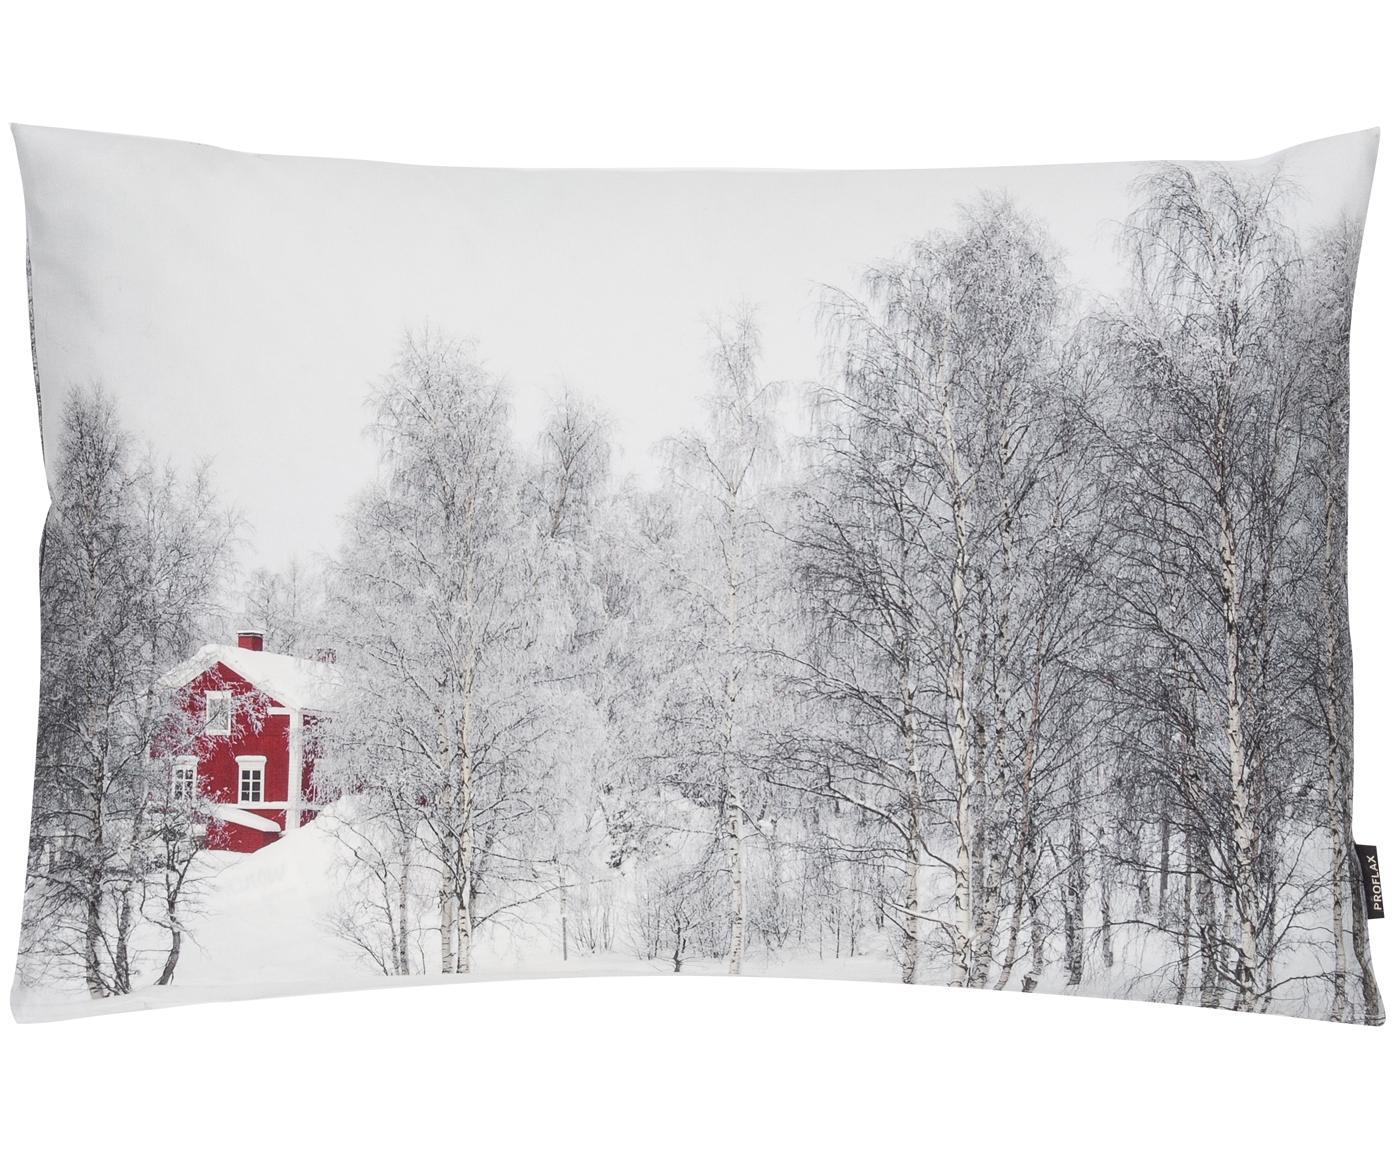 Kissenhülle Arhus mit winterlichem Motiv, Baumwolle, Vorder- und Rückseite: Weiß, Schwarz, Rot, 40 x 60 cm